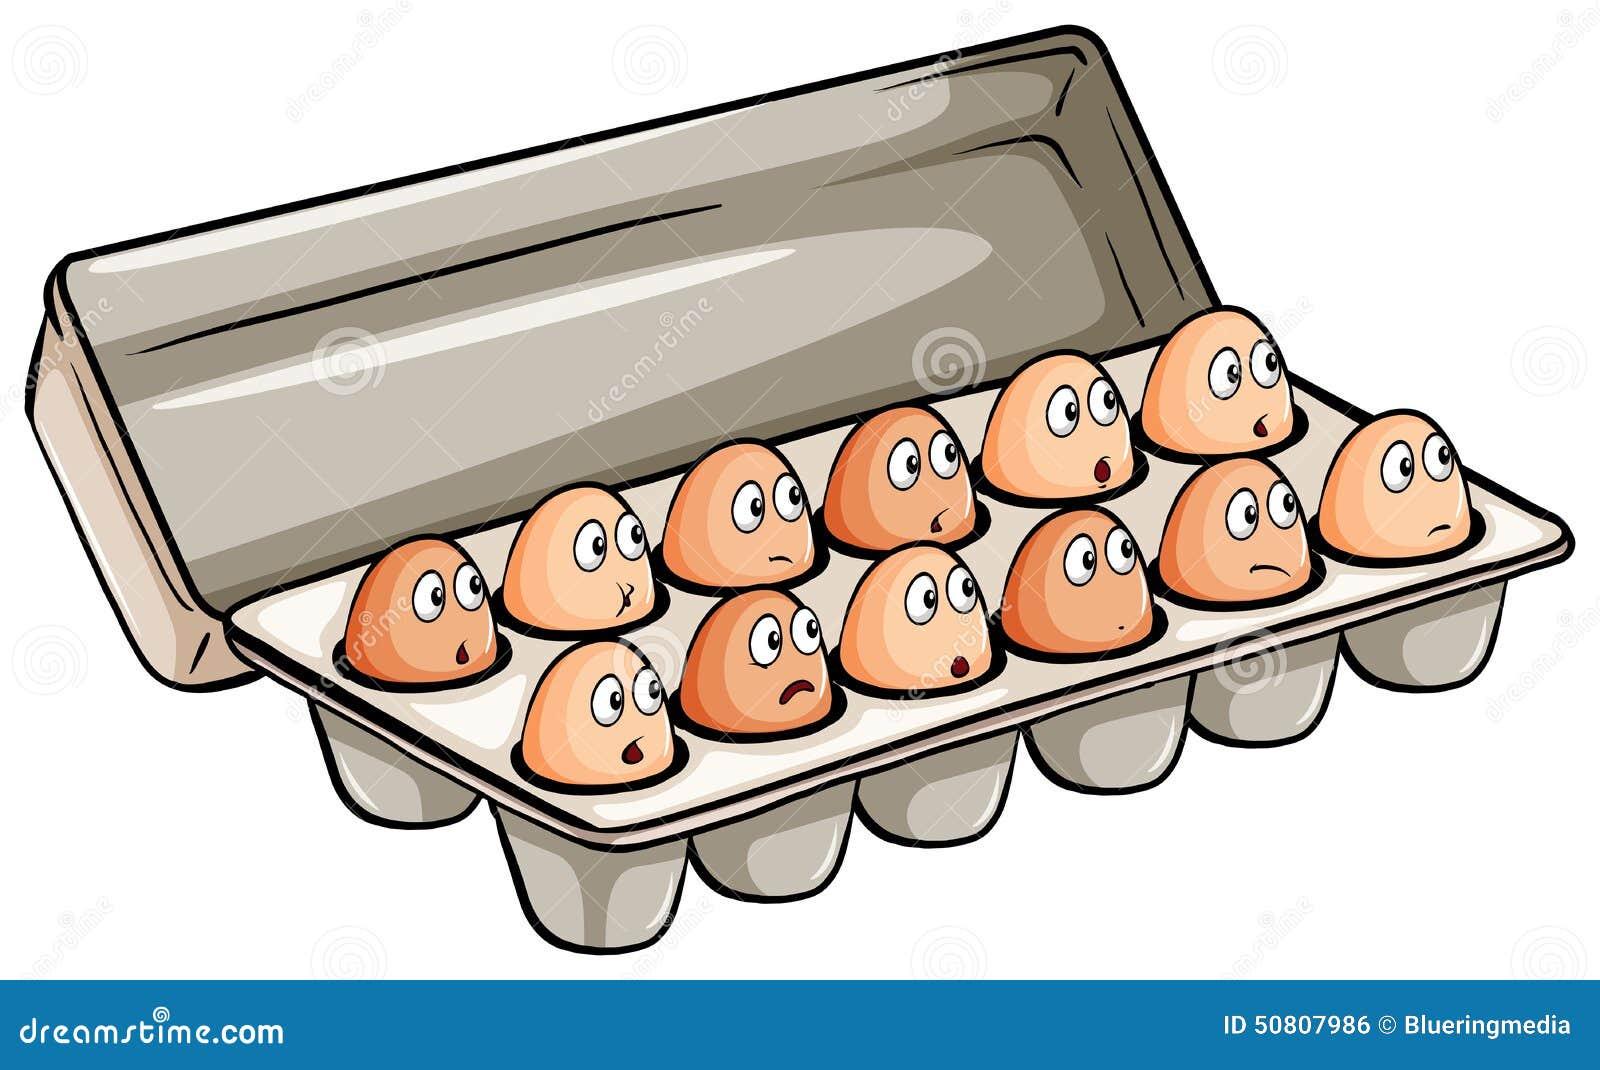 A Dozen Of Eggs Stock Vector Image 50807986